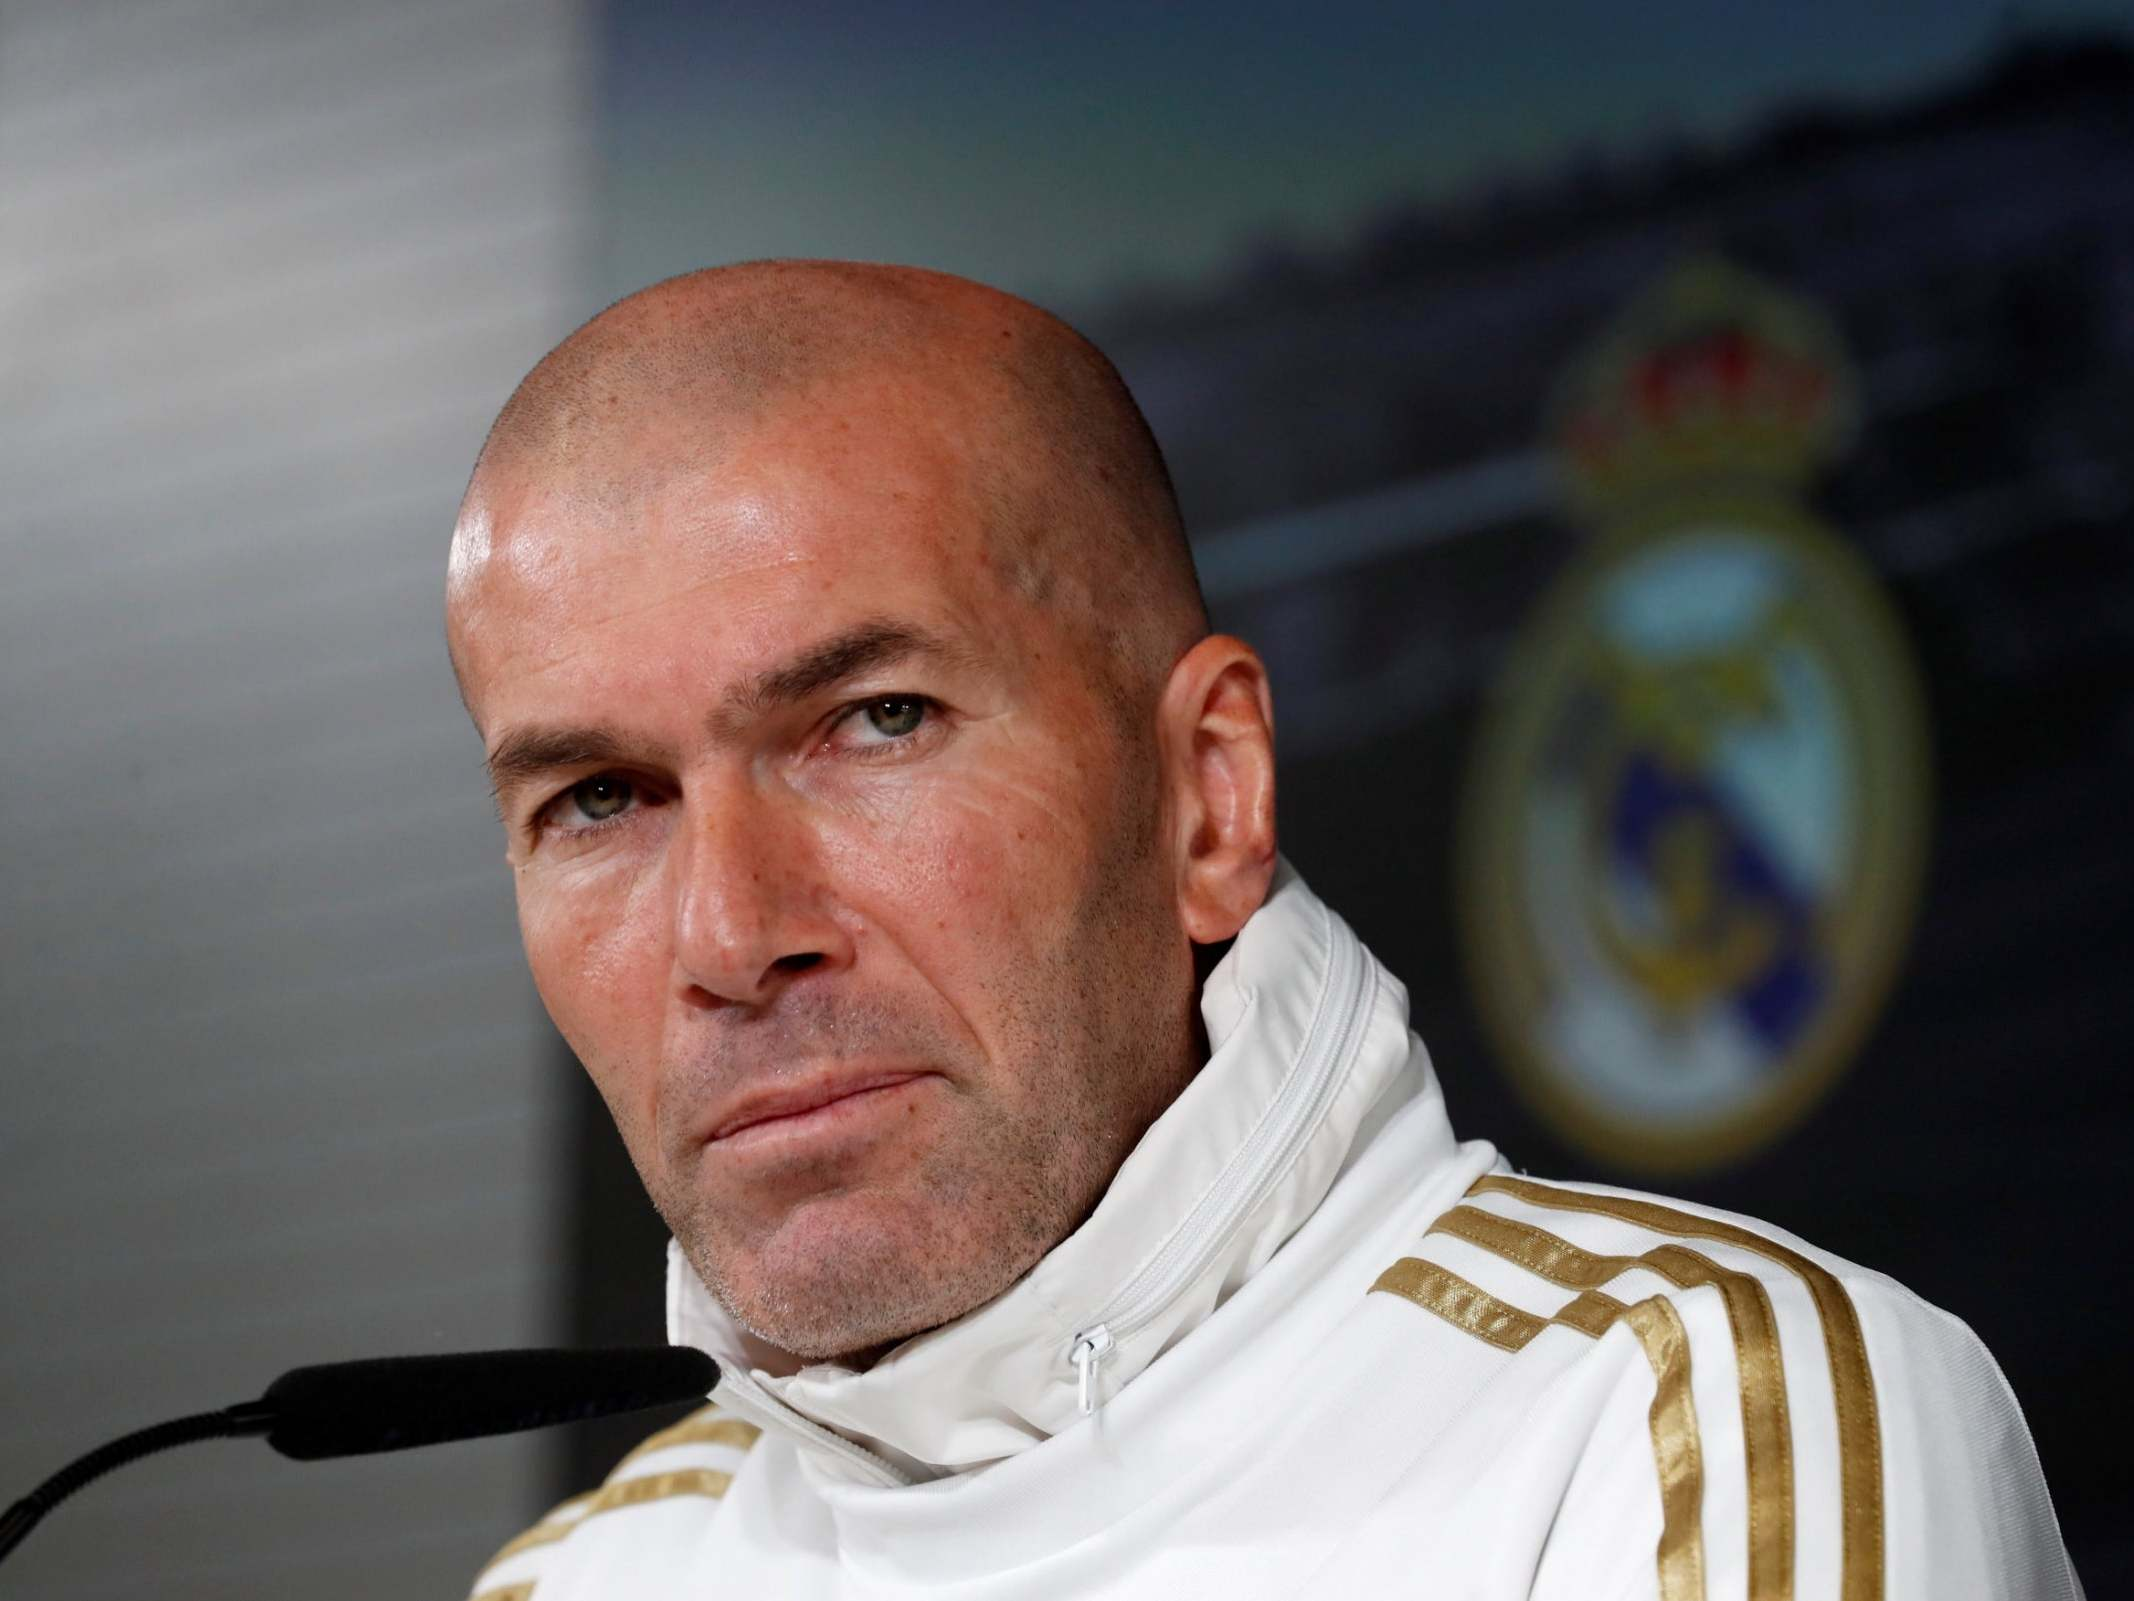 Real Madrid: Zinedine Zidane defends Gareth Bale after criticism over flag celebration